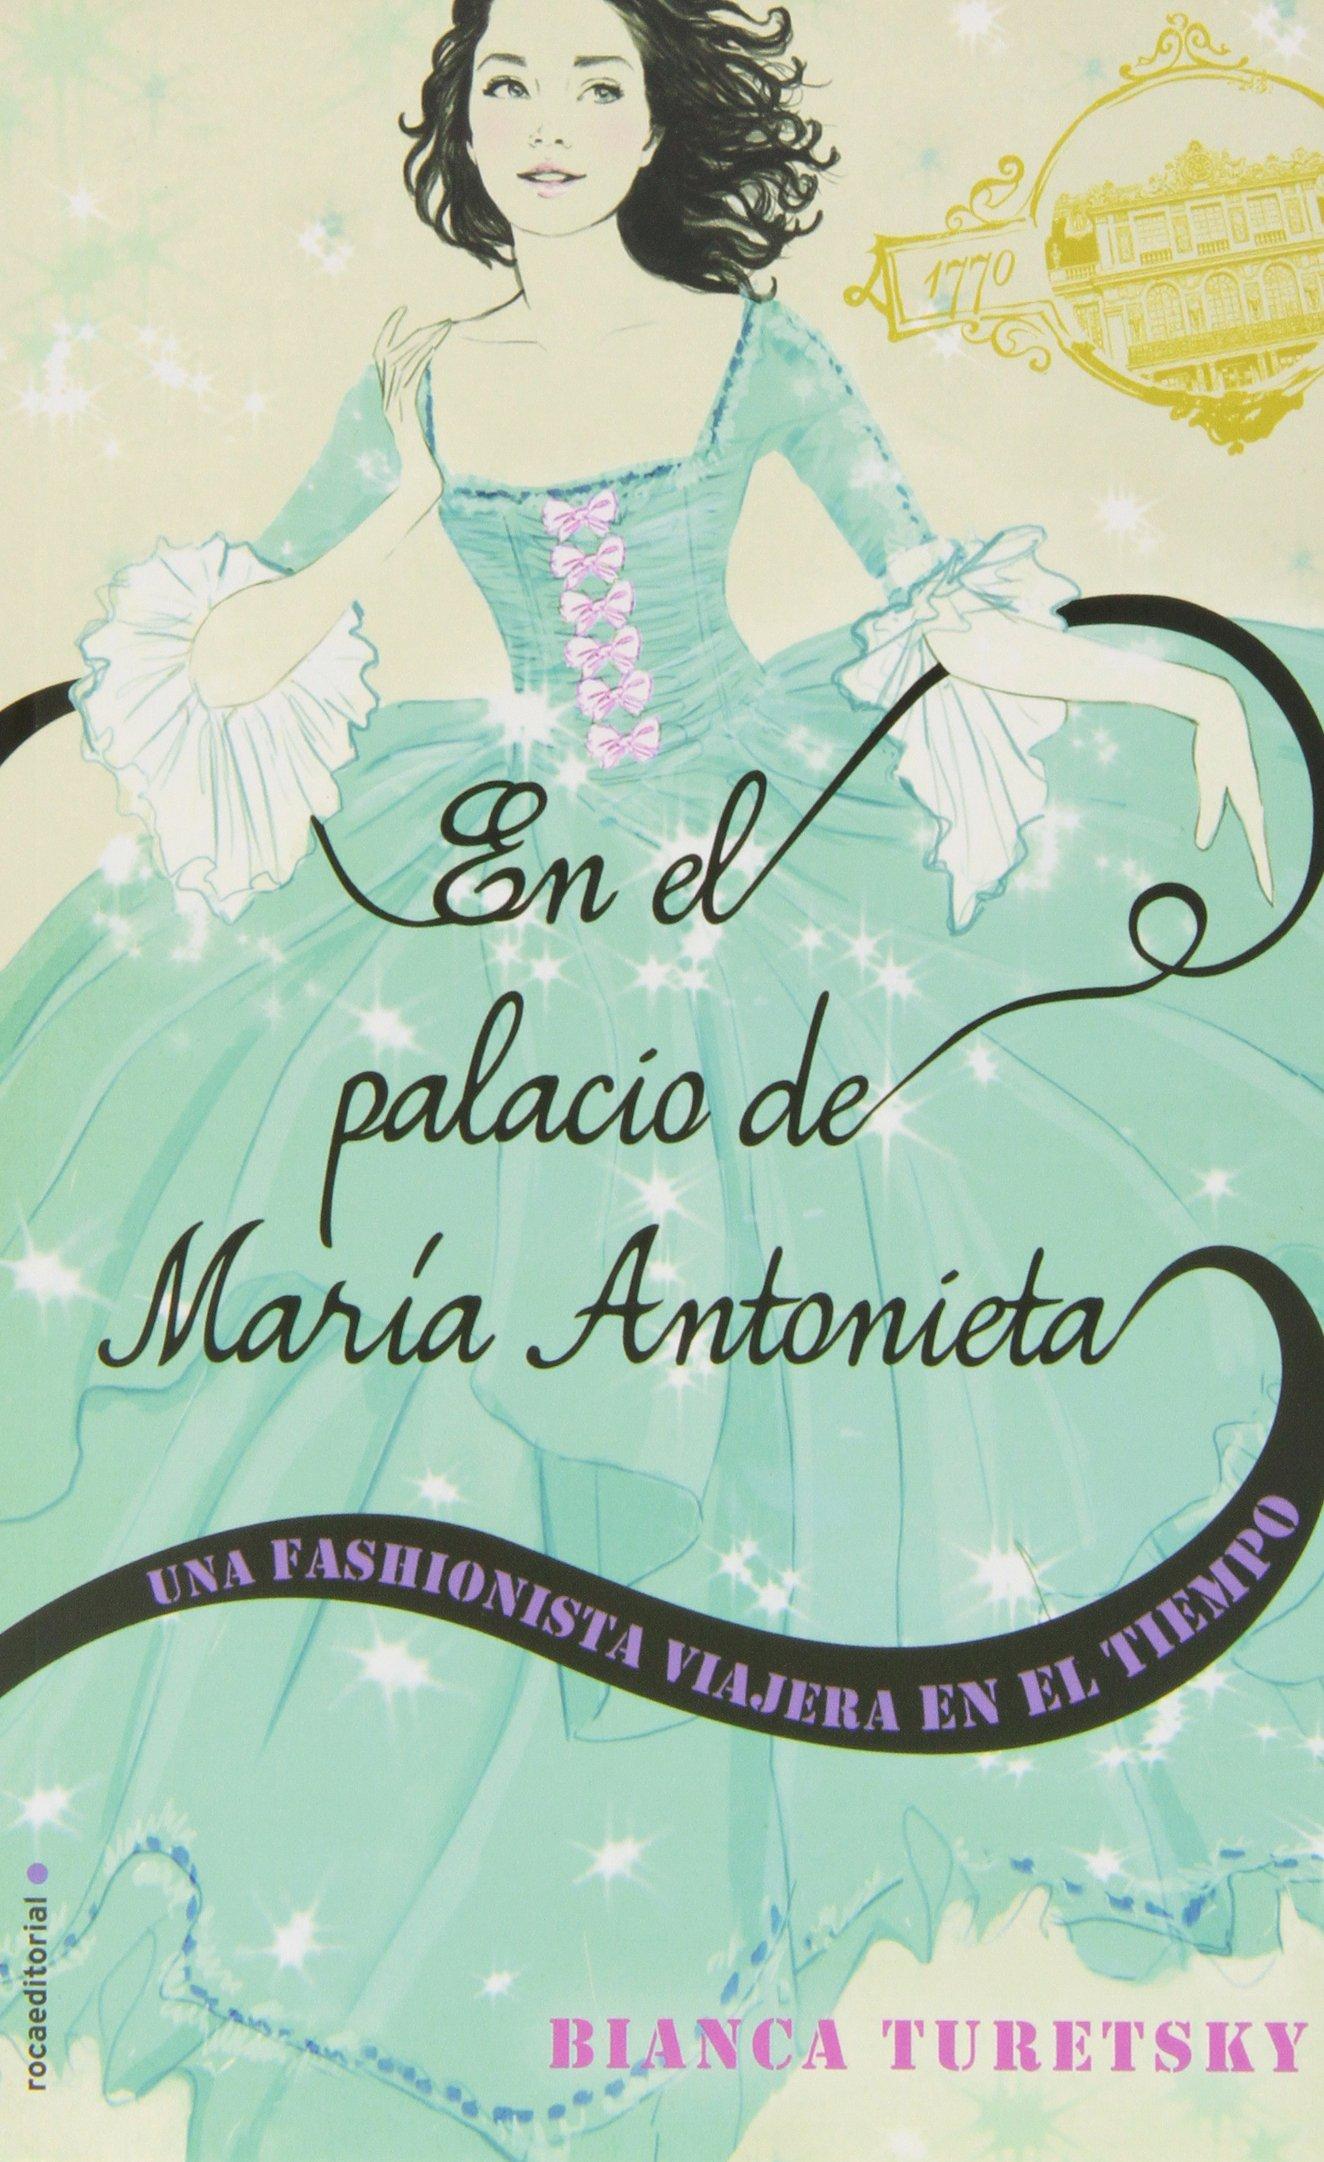 En el palacio de María Antonieta. Una fashionista viajera en el tiempo Junior - Juvenil roca: Amazon.es: Bianca Turestky, María Enguix Tercero: Libros